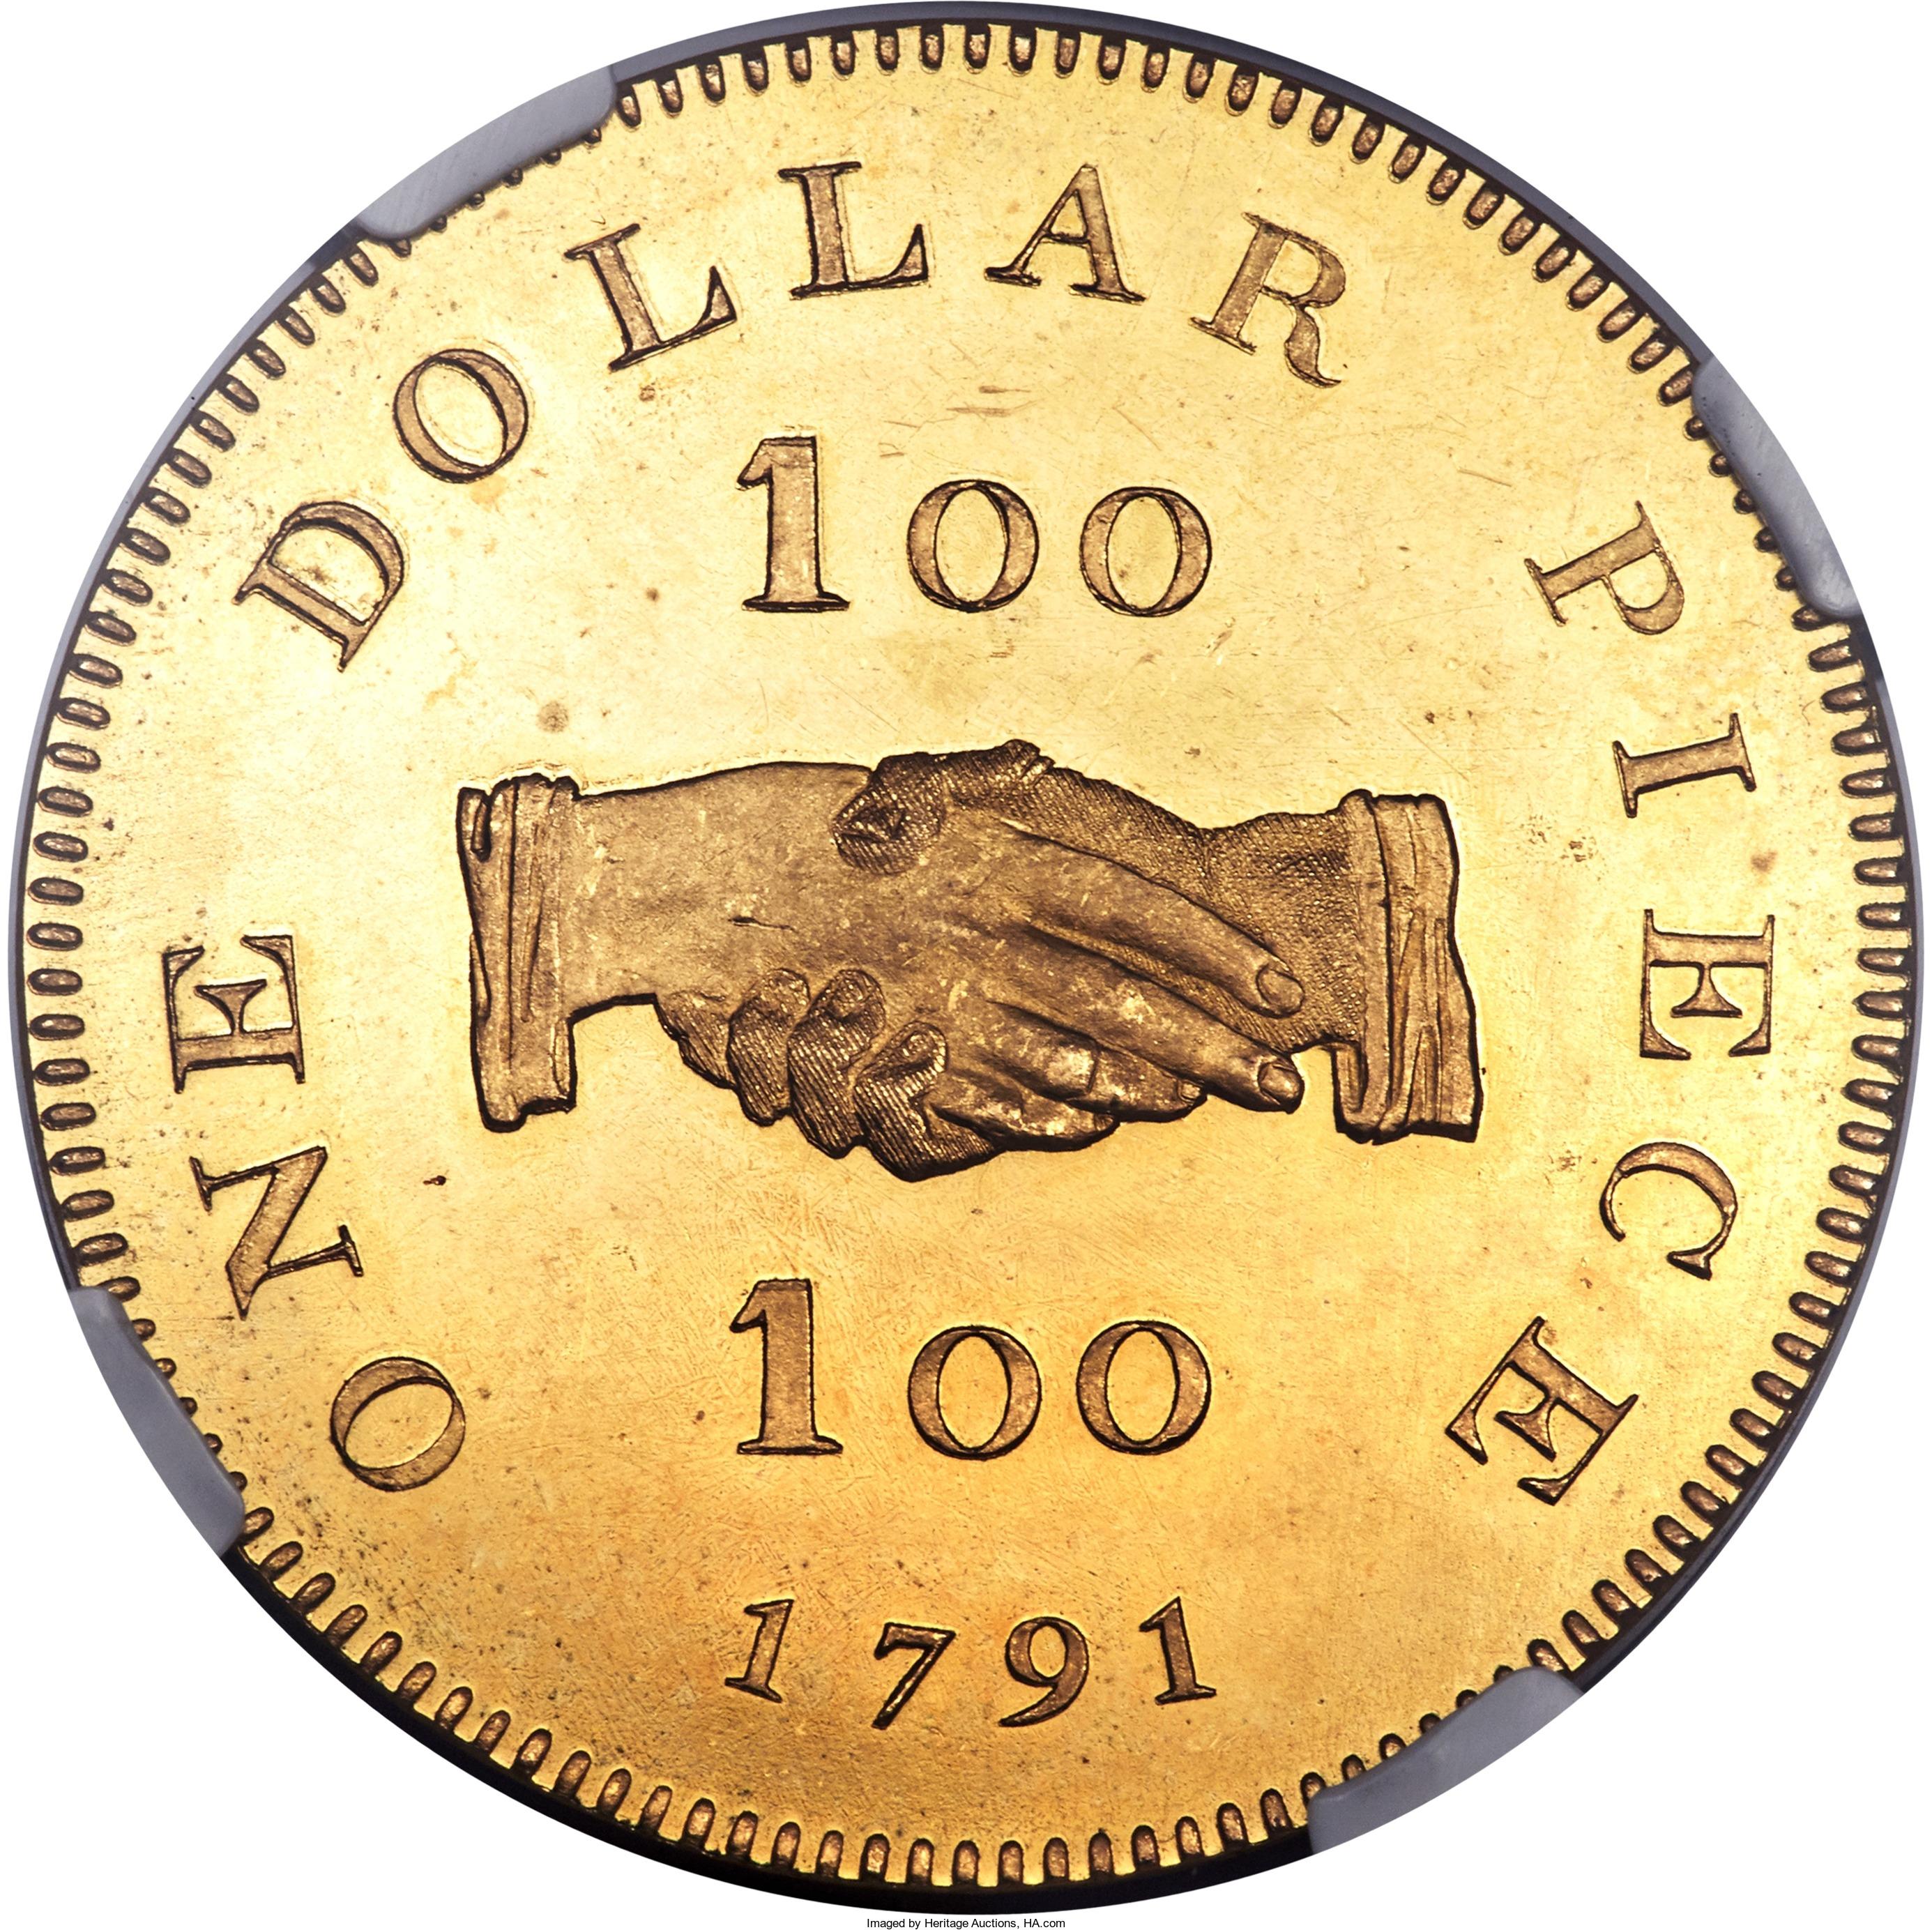 1 Dollar Sierra Leone Company Type 100 Sierra Leone Numista